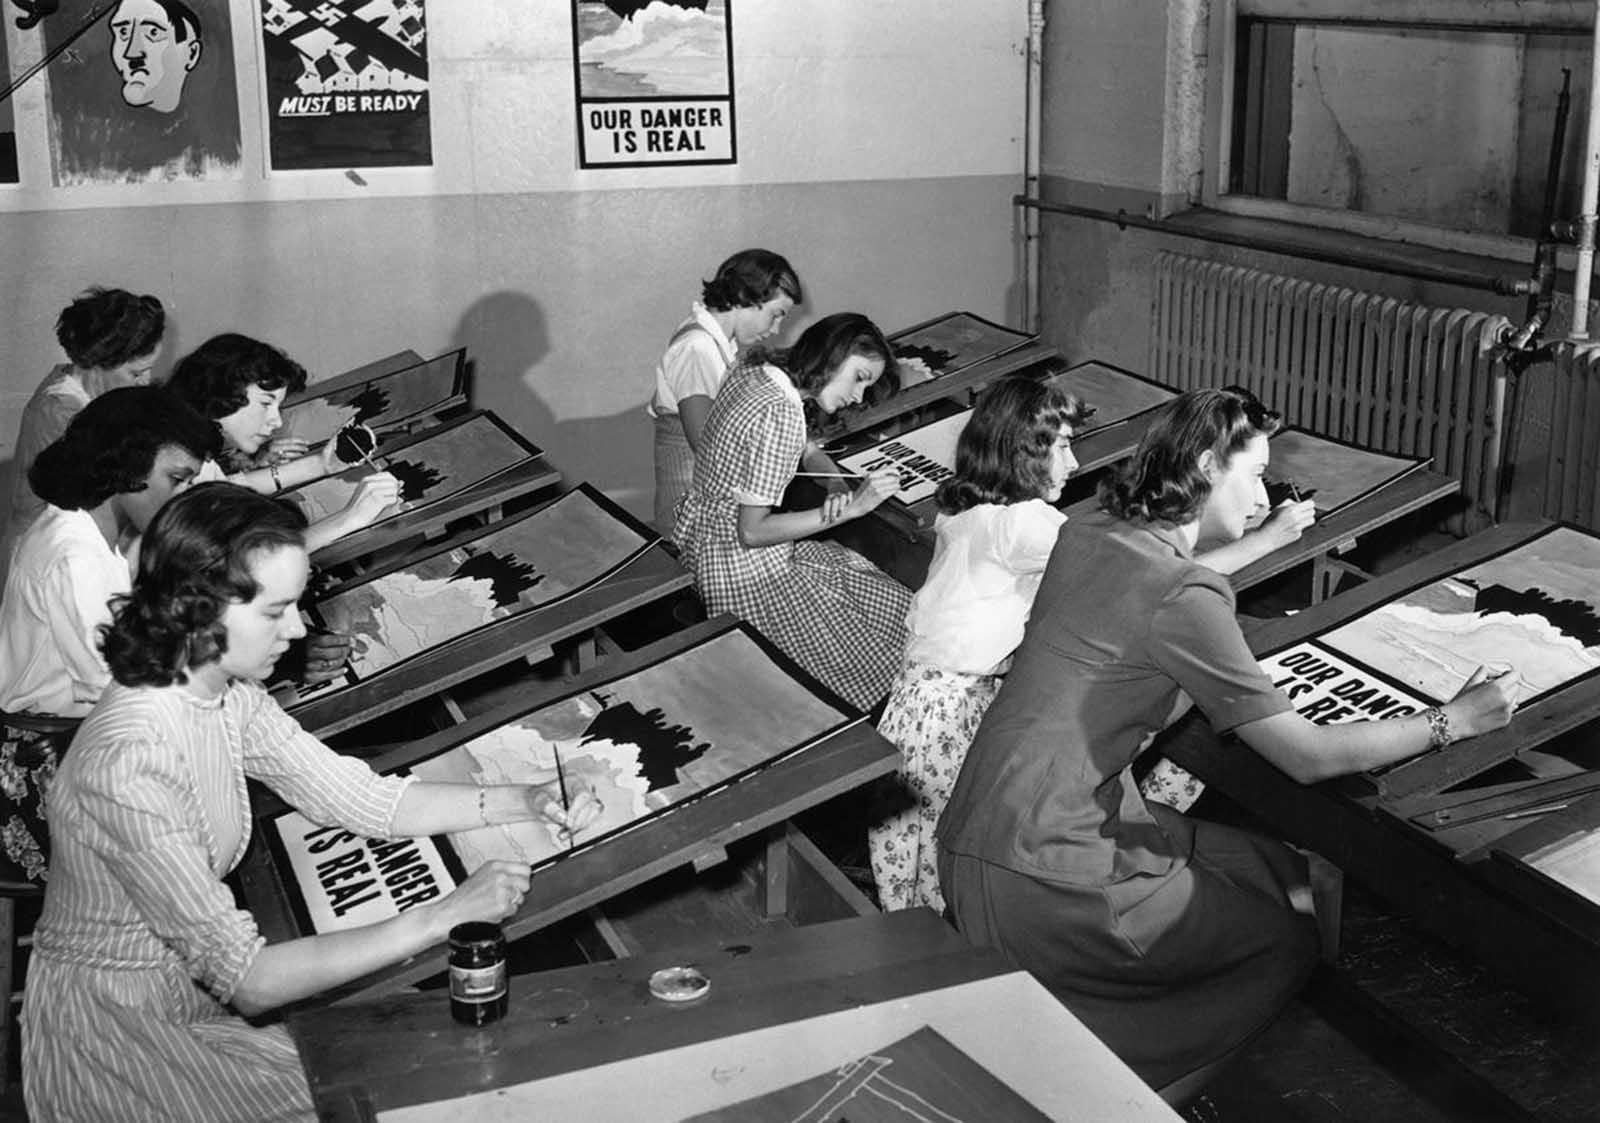 El 8 de julio de 1942, la línea de ensamblaje de arte de mujeres estudiantes se ocupó activamente de copiar los carteles de propaganda de la Segunda Guerra Mundial en Port Washington, Nueva York. El cartel principal está colgando en el fondo.